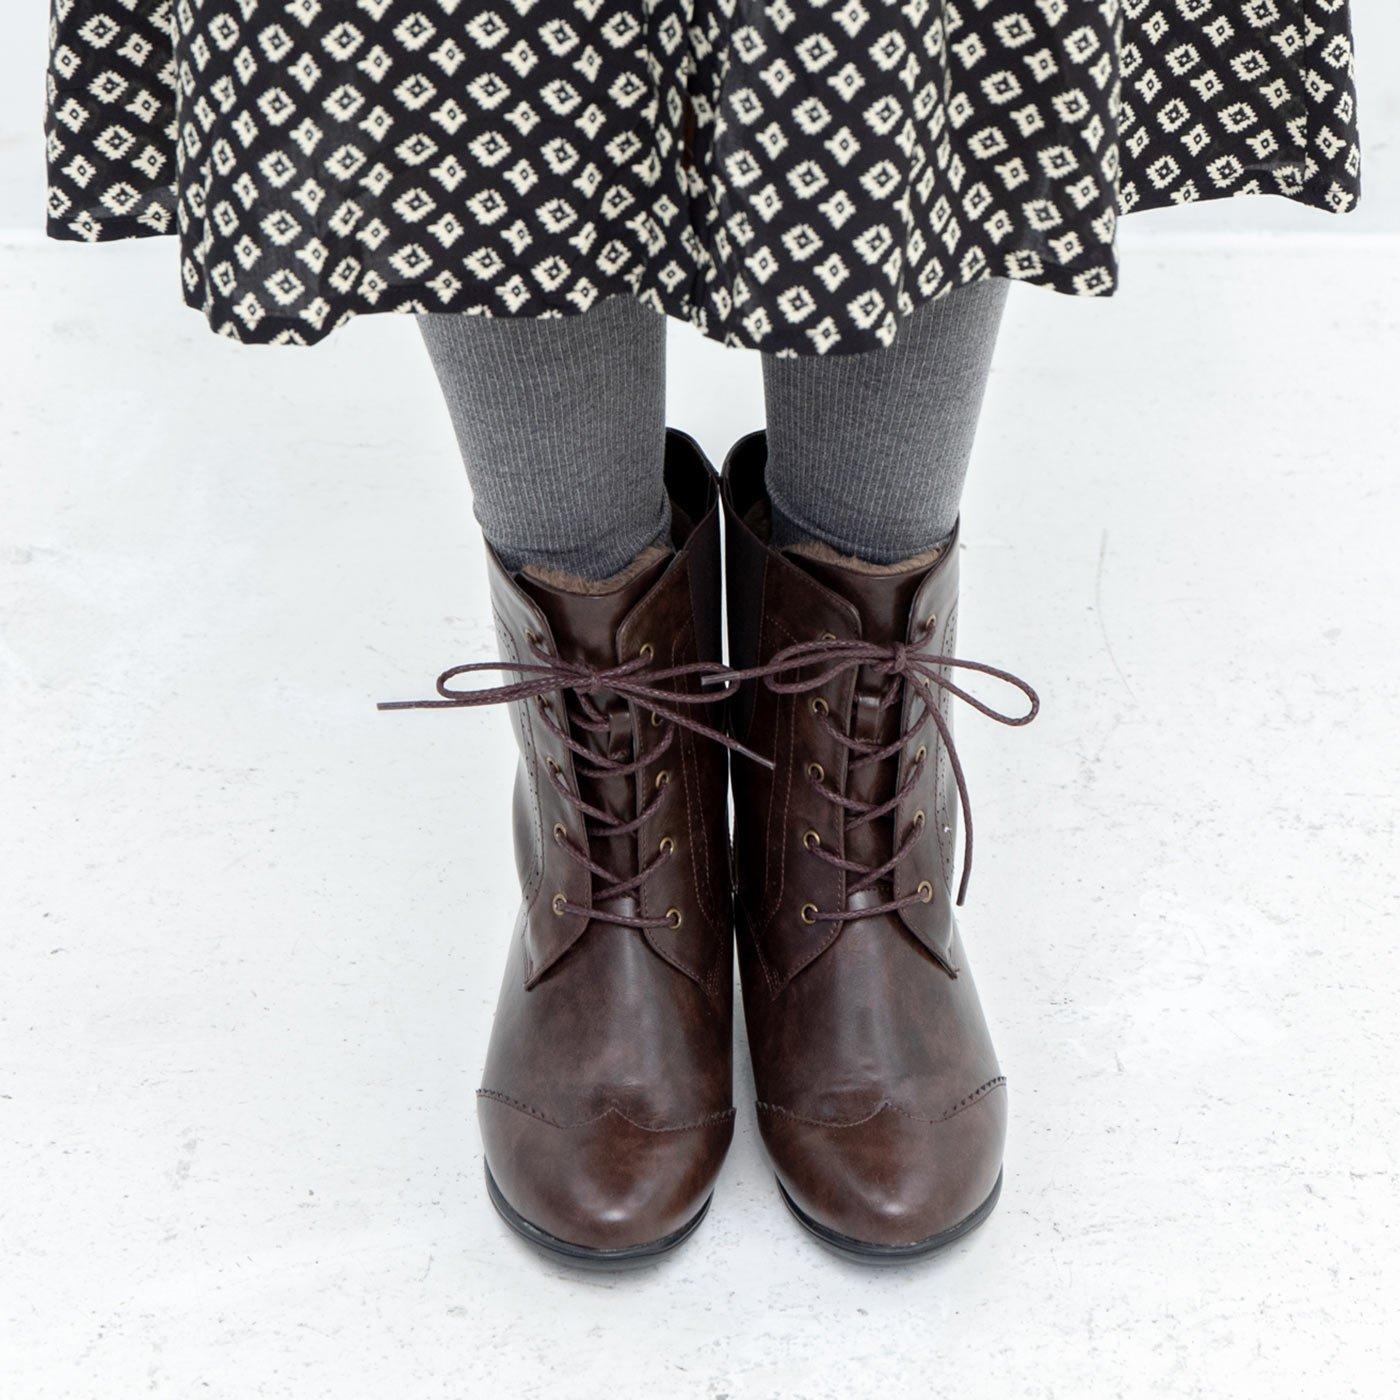 防水仕立て! ファーで暖か! さっと履けてしなやかに歩ける編み上げブーツ〈ブラウン〉